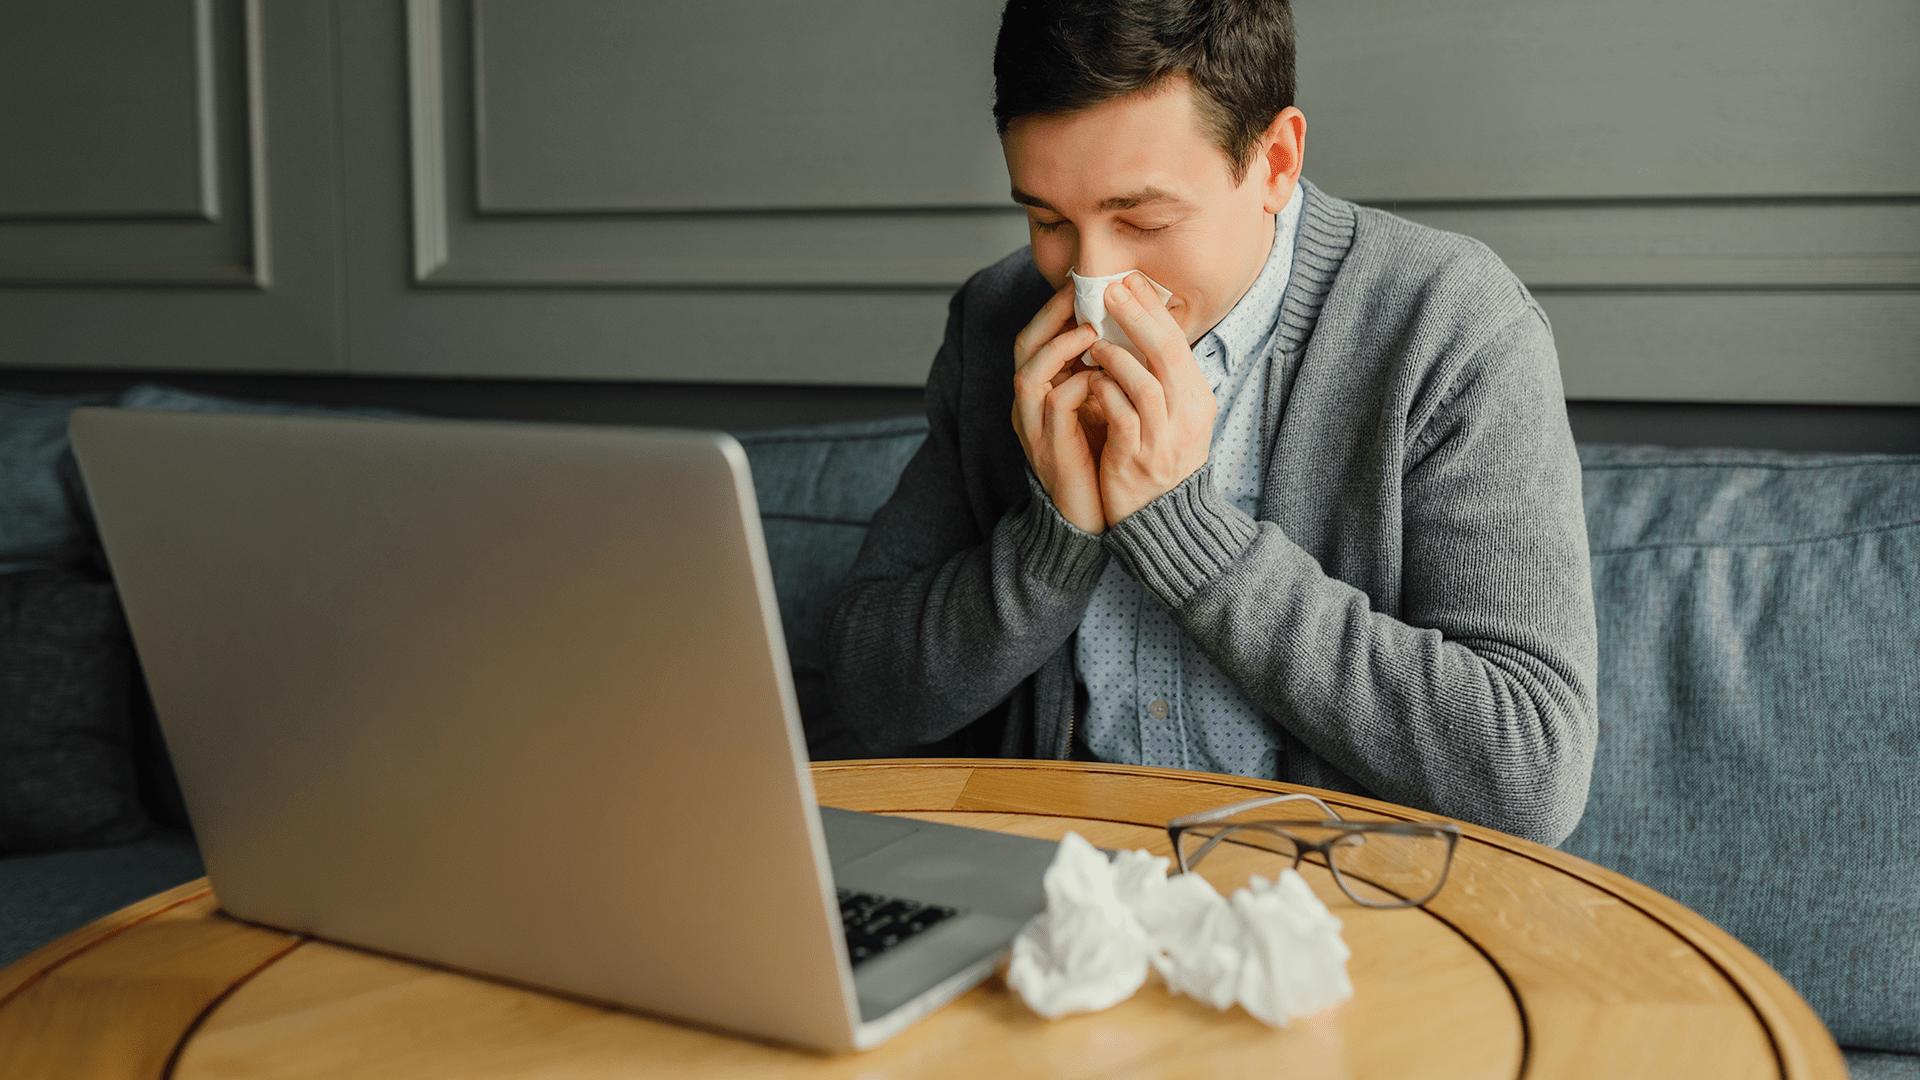 Coronavírus no local de trabalho? Saiba como prevenir